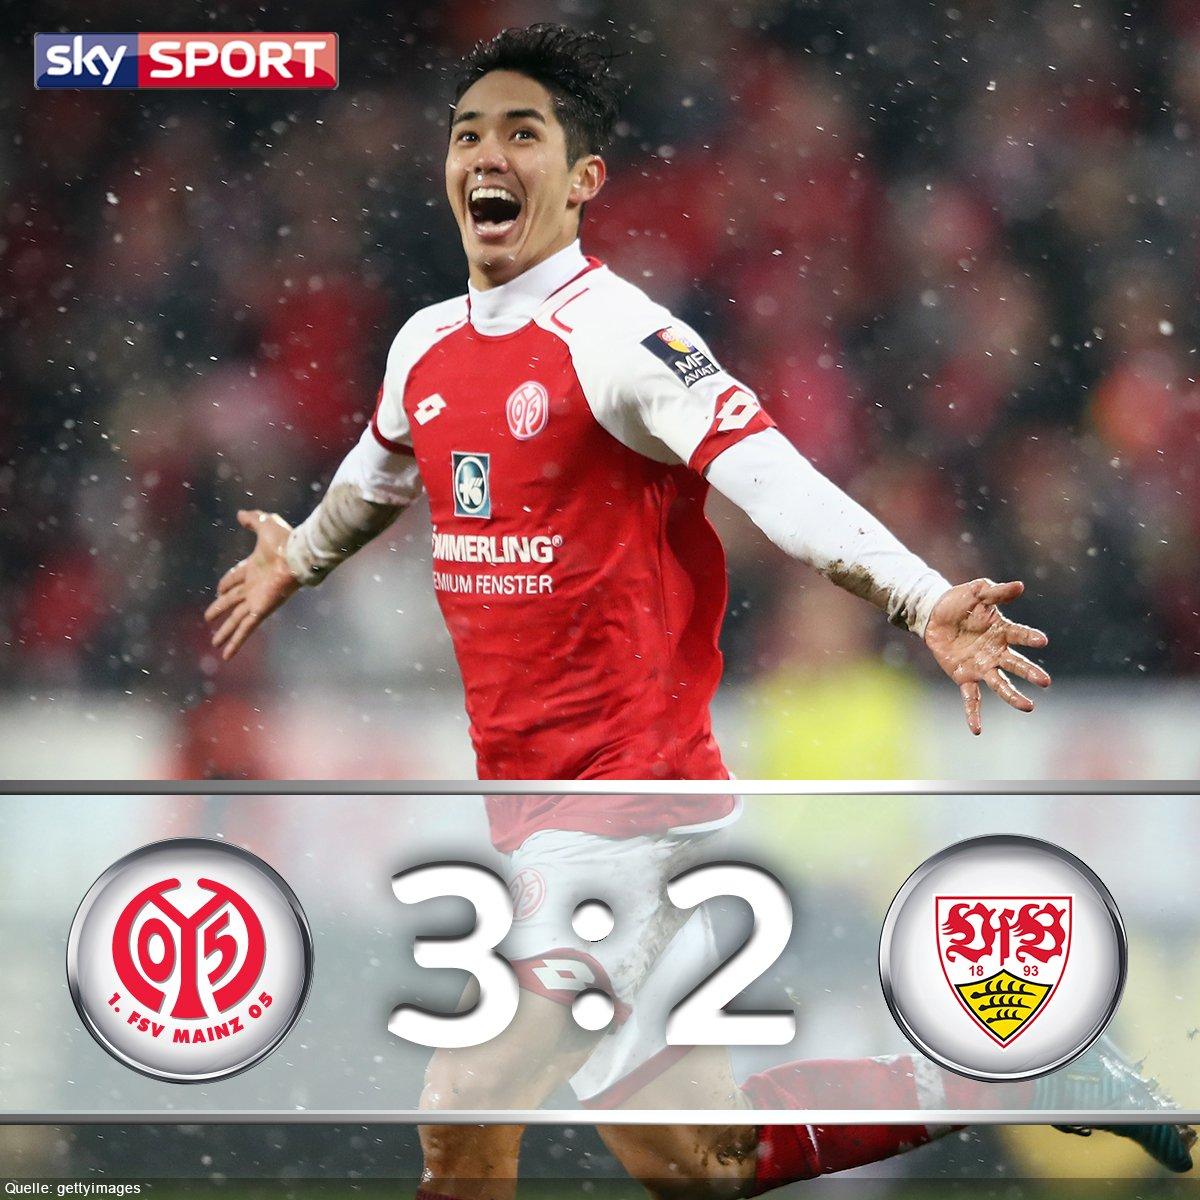 Muto schießt Mainz mit Doppelpack zum Sieg